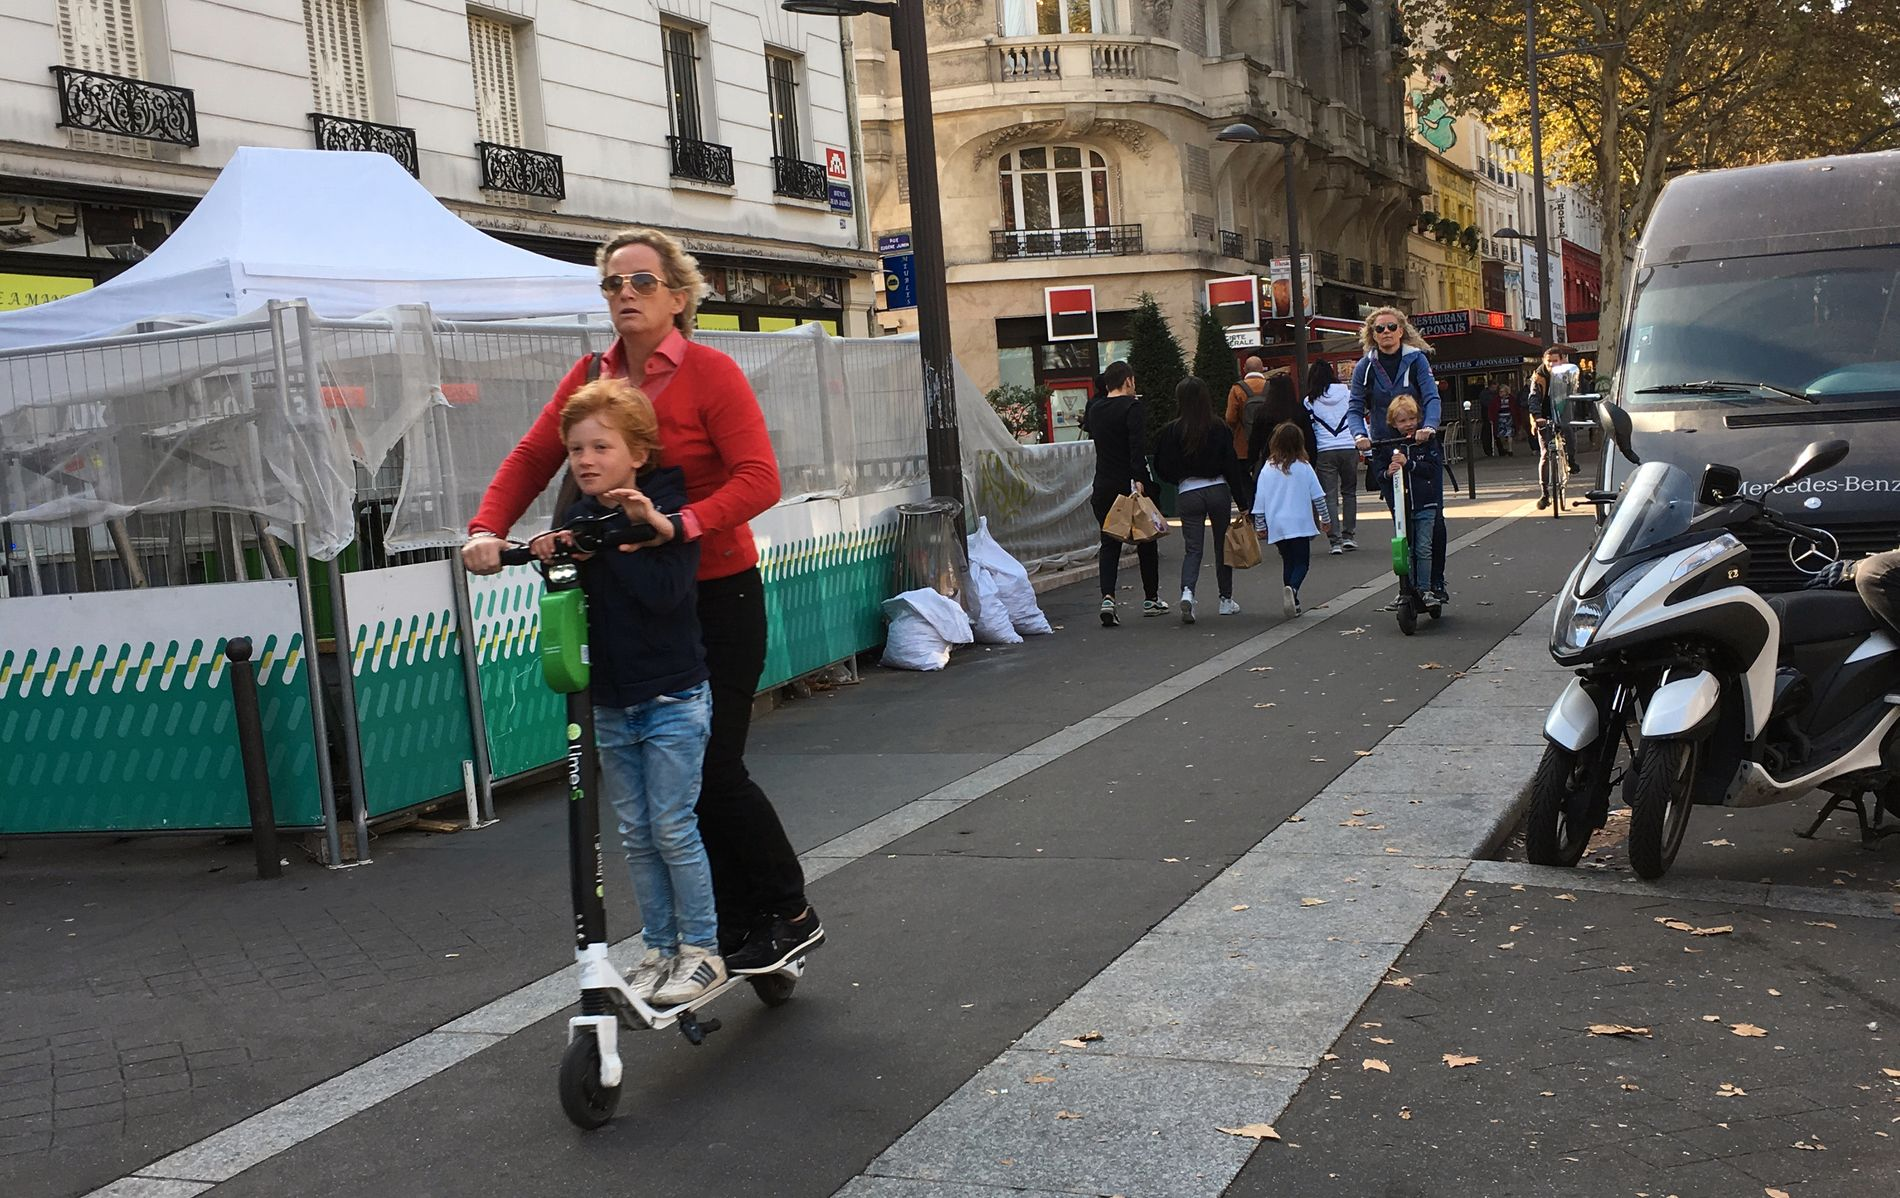 FREMTIDSRETTET: Paris er en av flere europeiske byer som har ønsket sparkesyklene velkommen, og betegnes som «den mest fremtidsrettede byen i verden». Nå venter vi spent på norske byer – hvem blir først, skriver innsenderen.